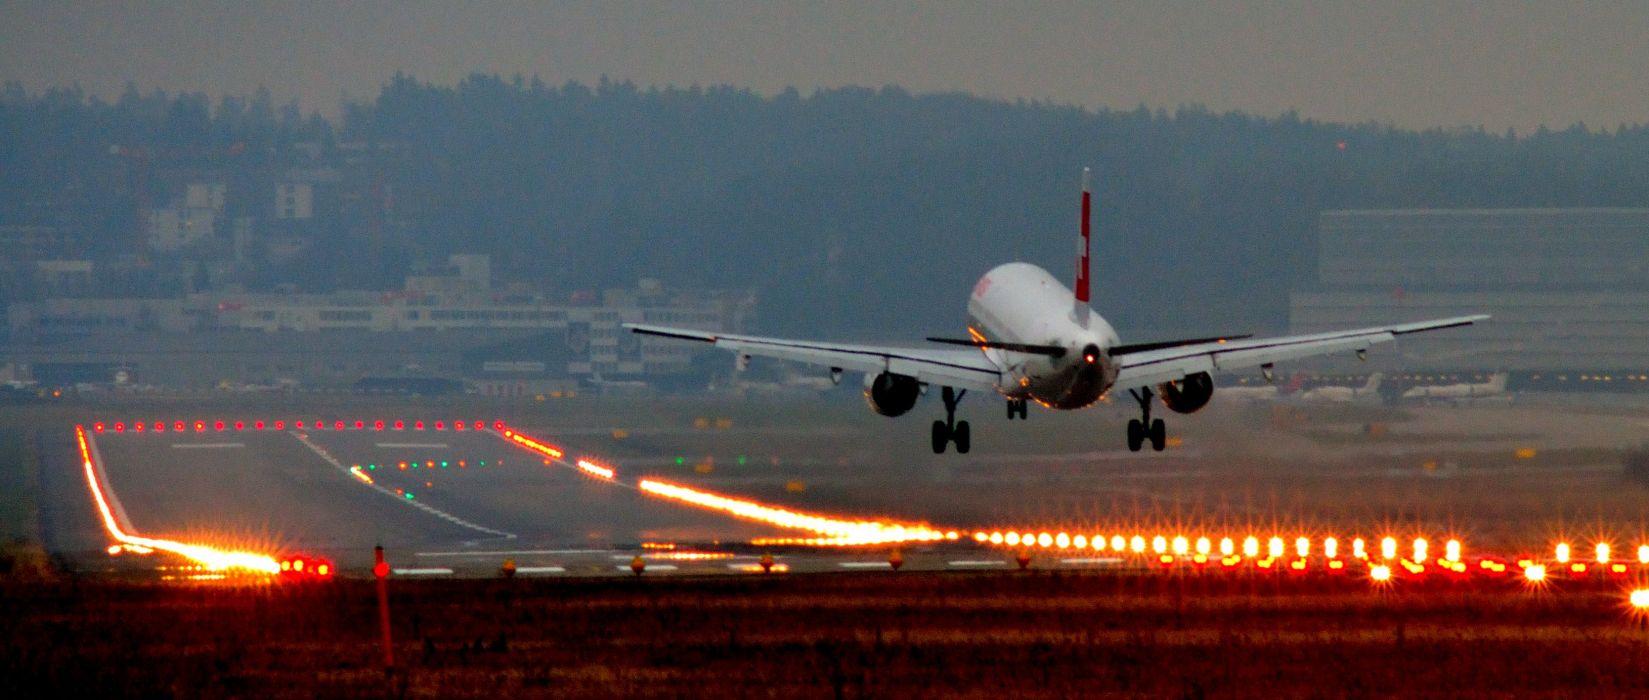 panorama dual monitor airplane landing wallpaper